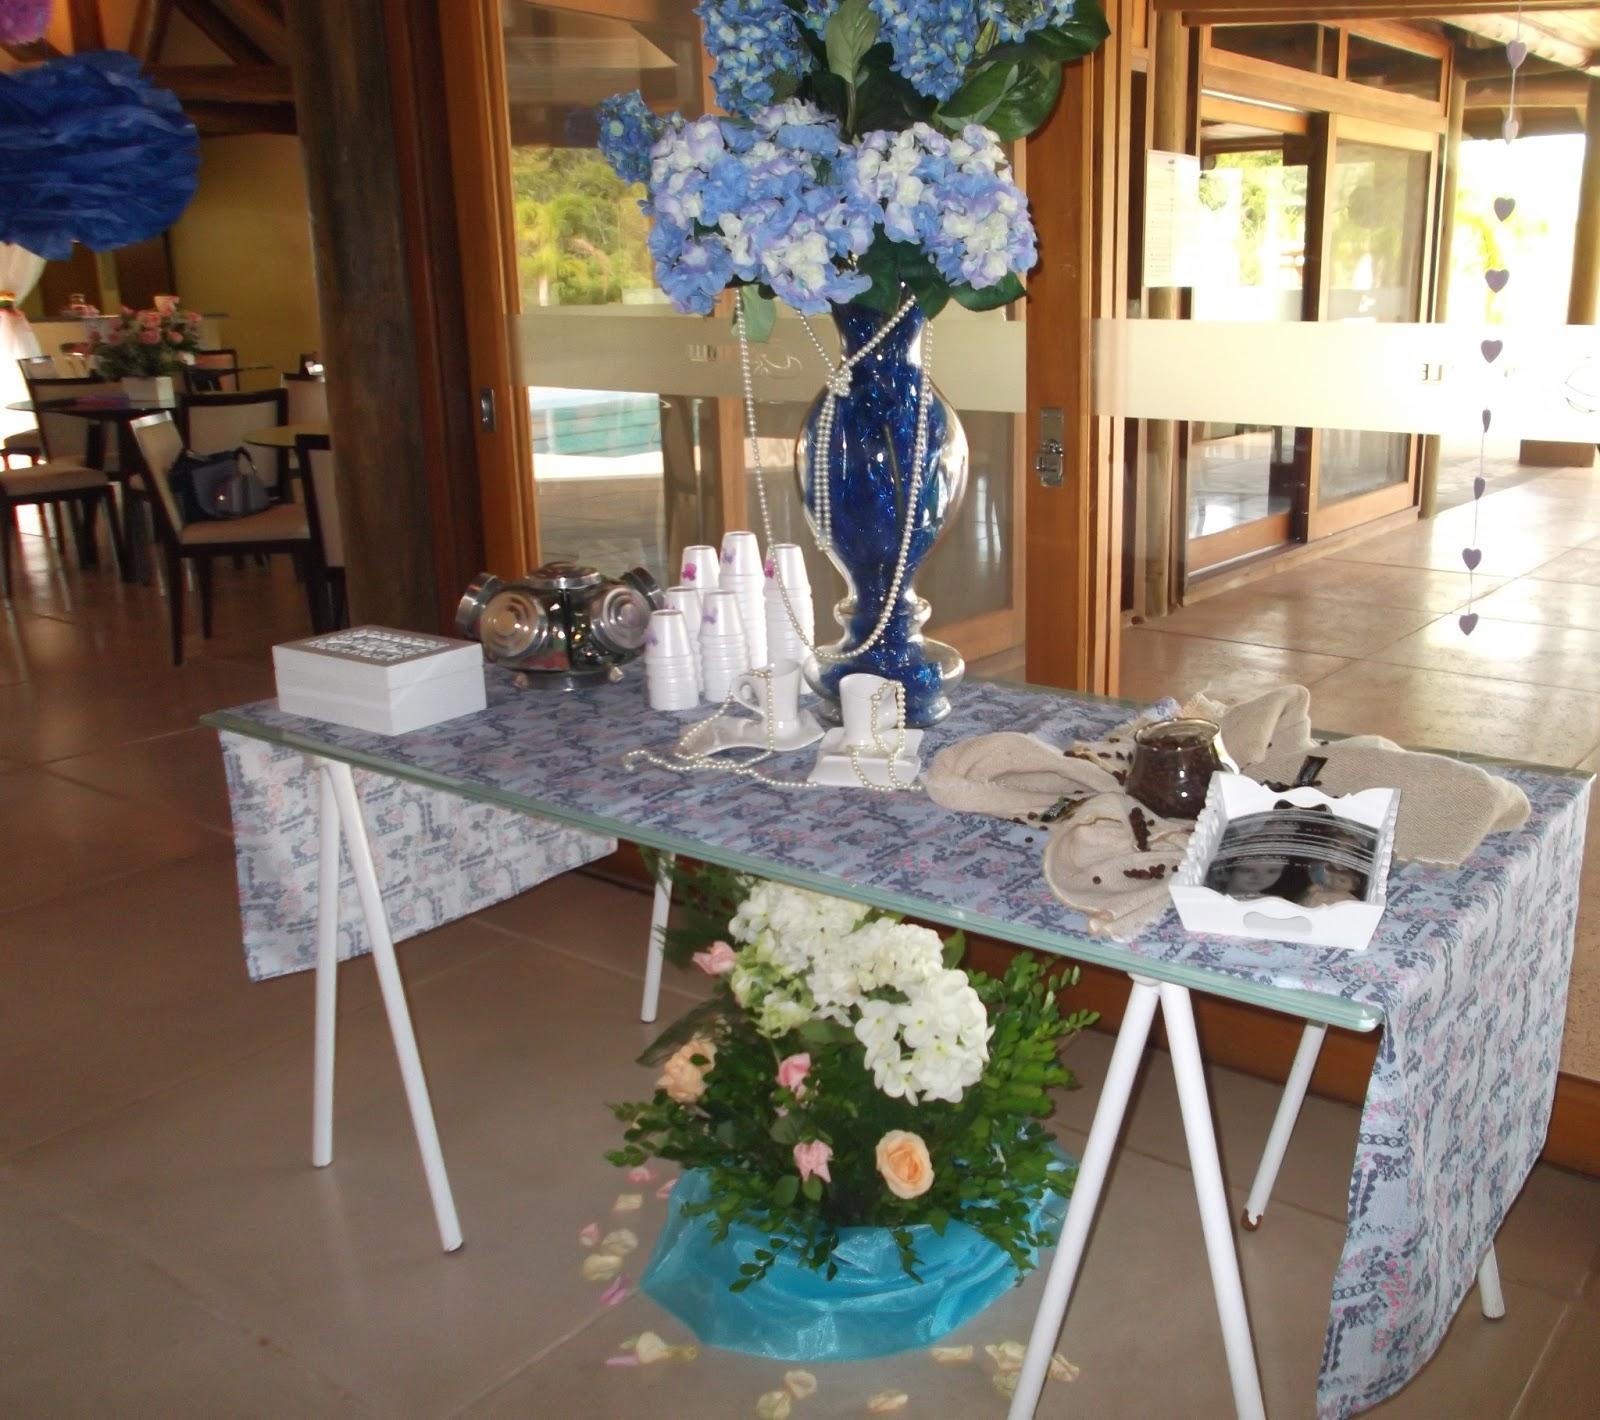 decoracao festa vovó:Marinez Roque ::: Cerimonial & Decorações: 80 anos da Adylles, em